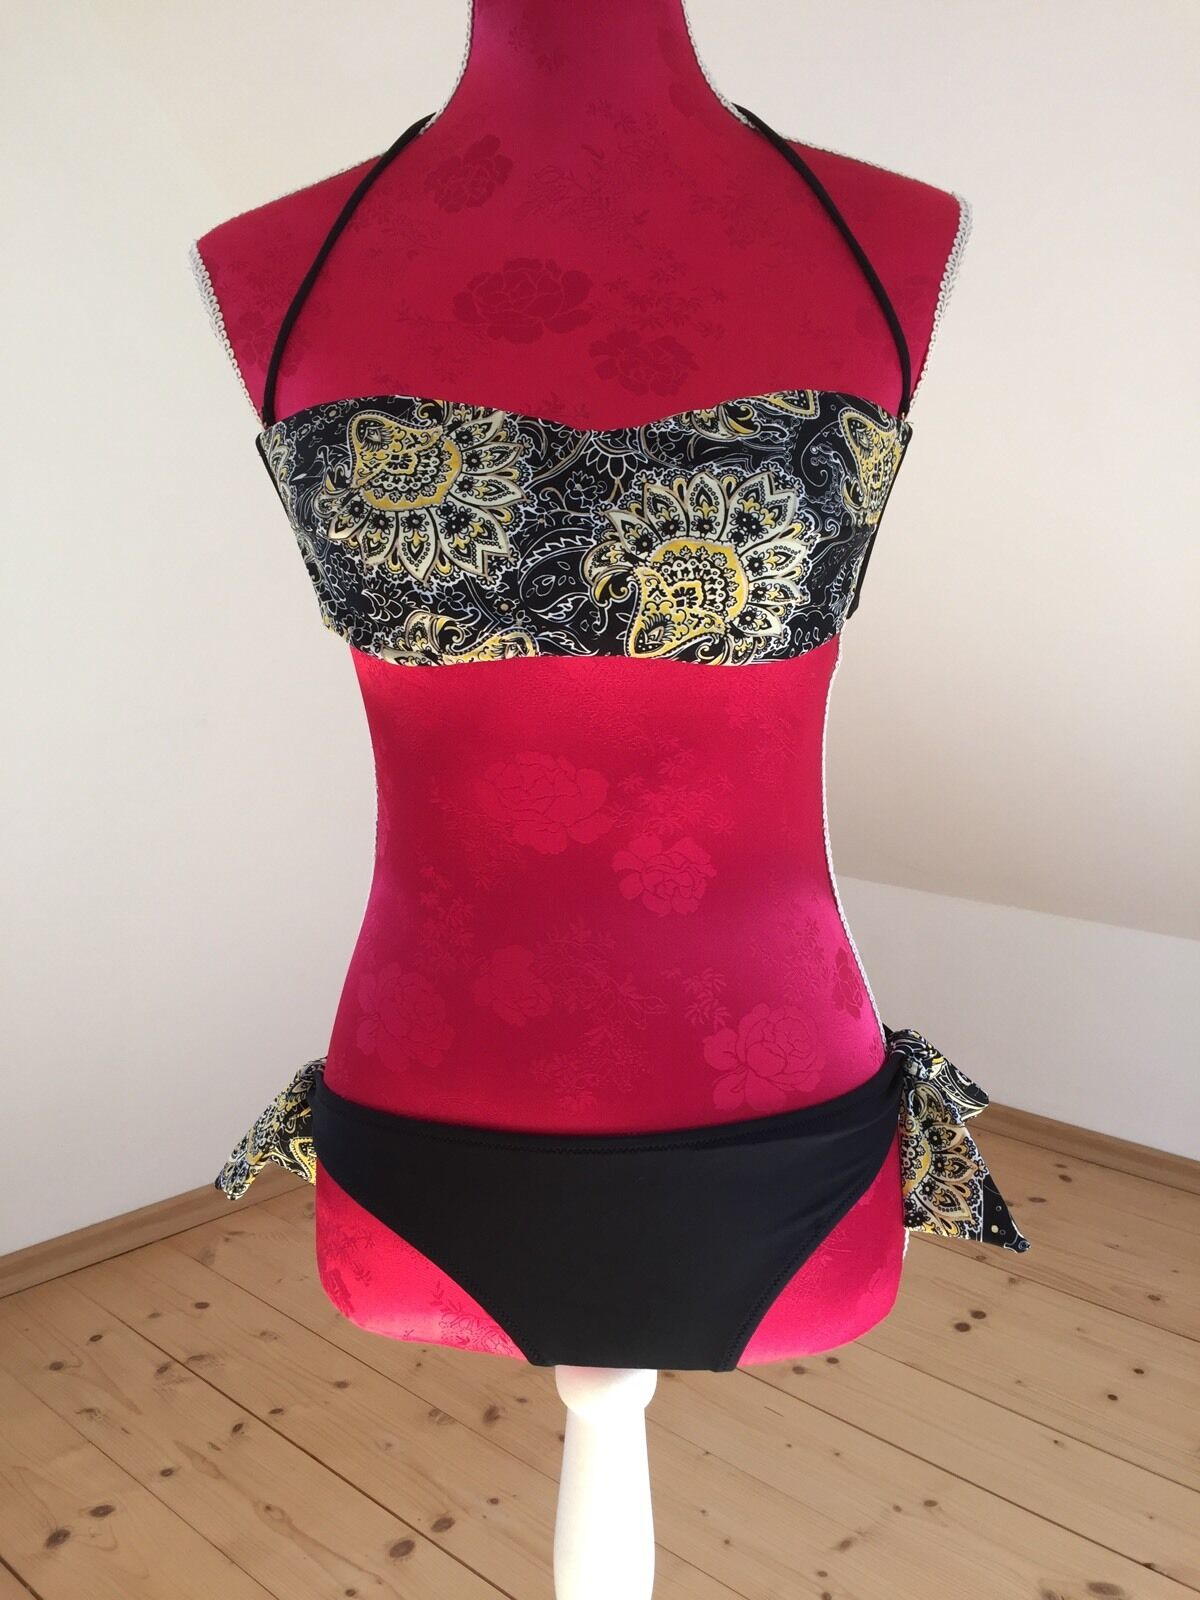 Bikini Bikini Bikini Gr. 38 schwarz gelb minneola | Bekannt für seine hervorragende Qualität  | Verschiedene Waren  | Qualität  | Große Auswahl  | Qualifizierte Herstellung  b9ee75